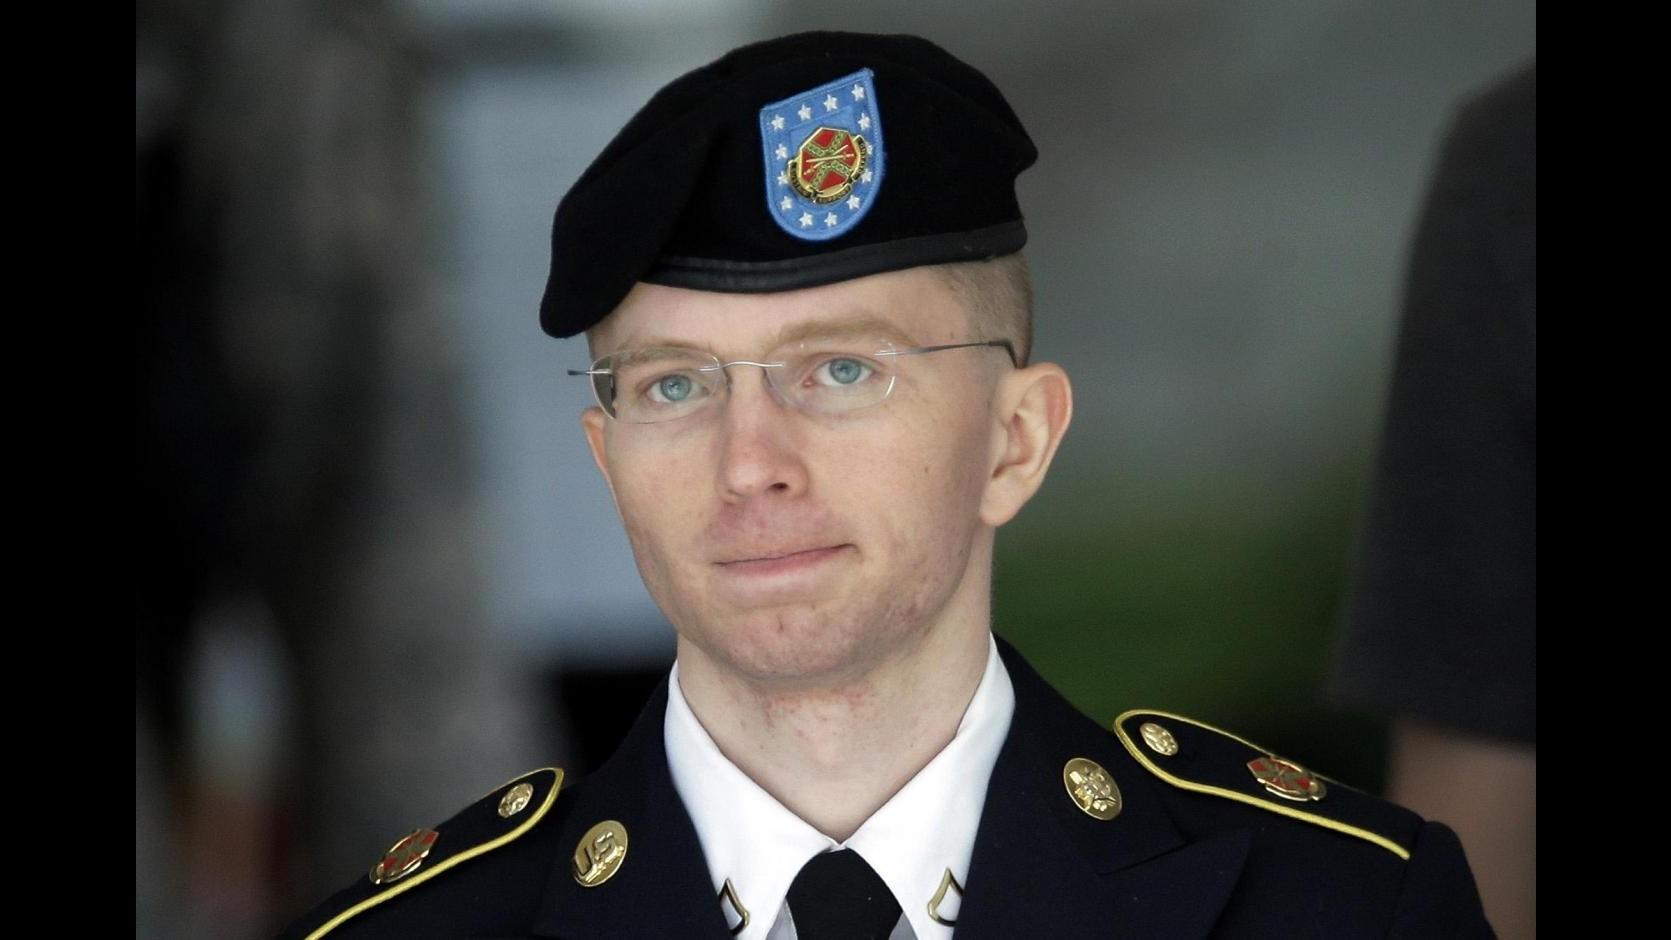 Da Gola profonda a Manning: le talpe celebri prima di Snowden